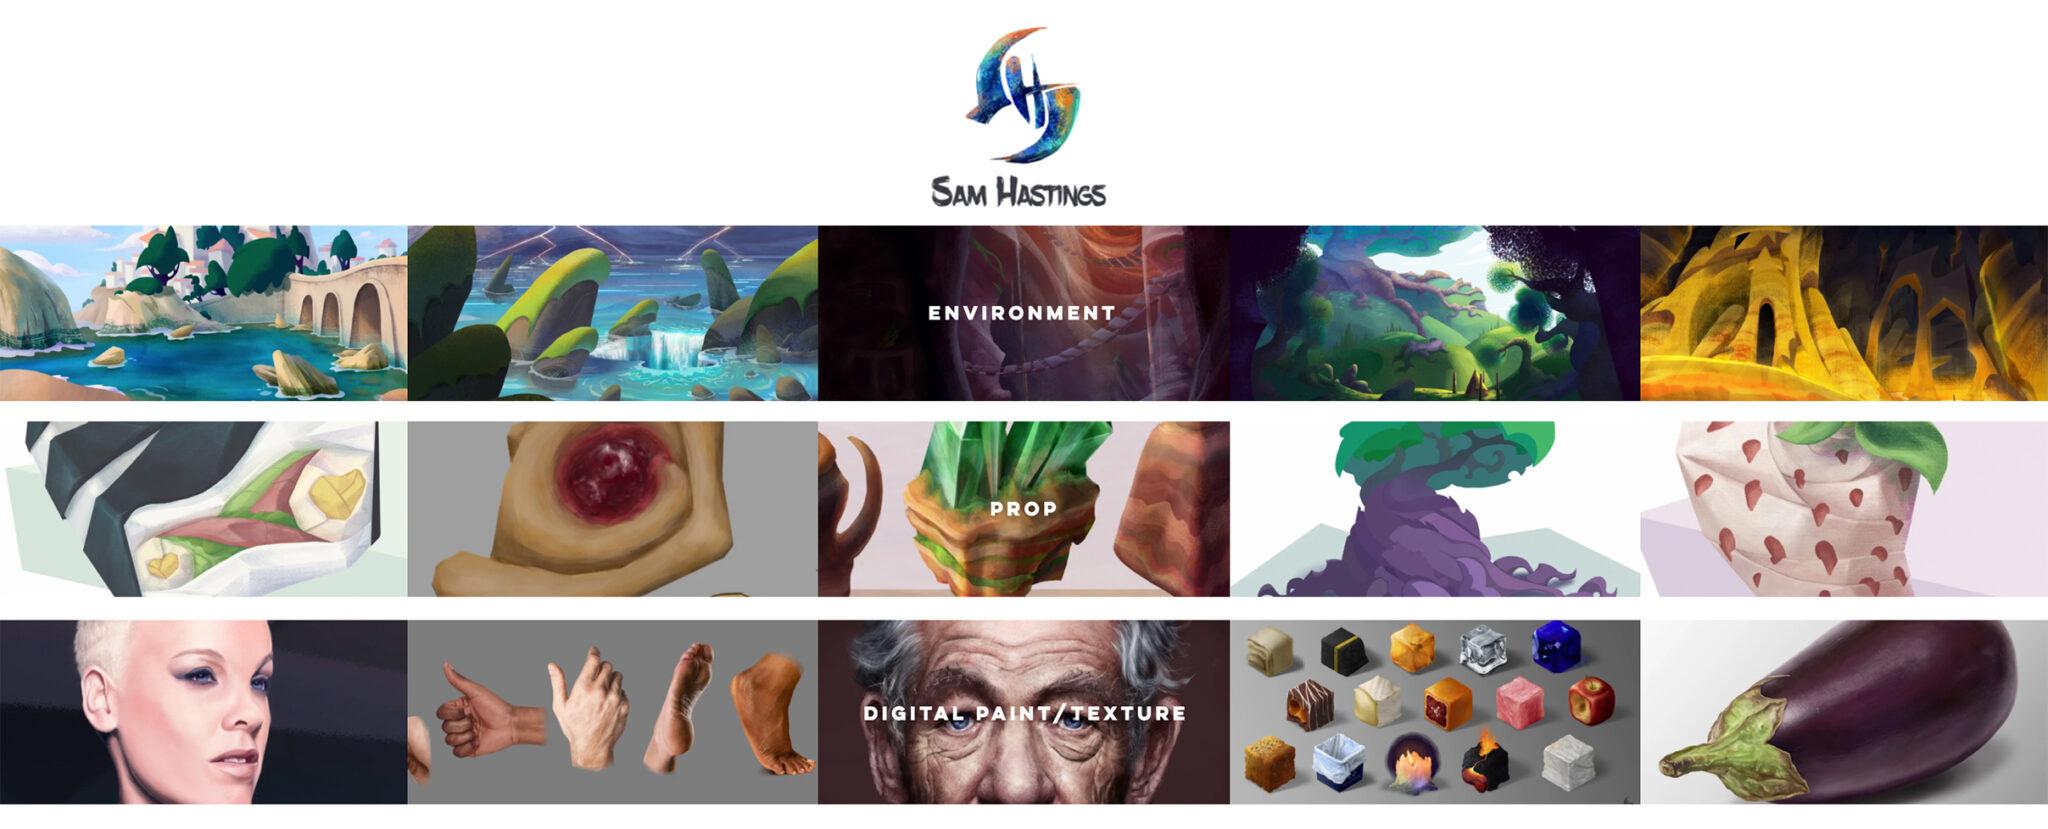 Sam Hastings